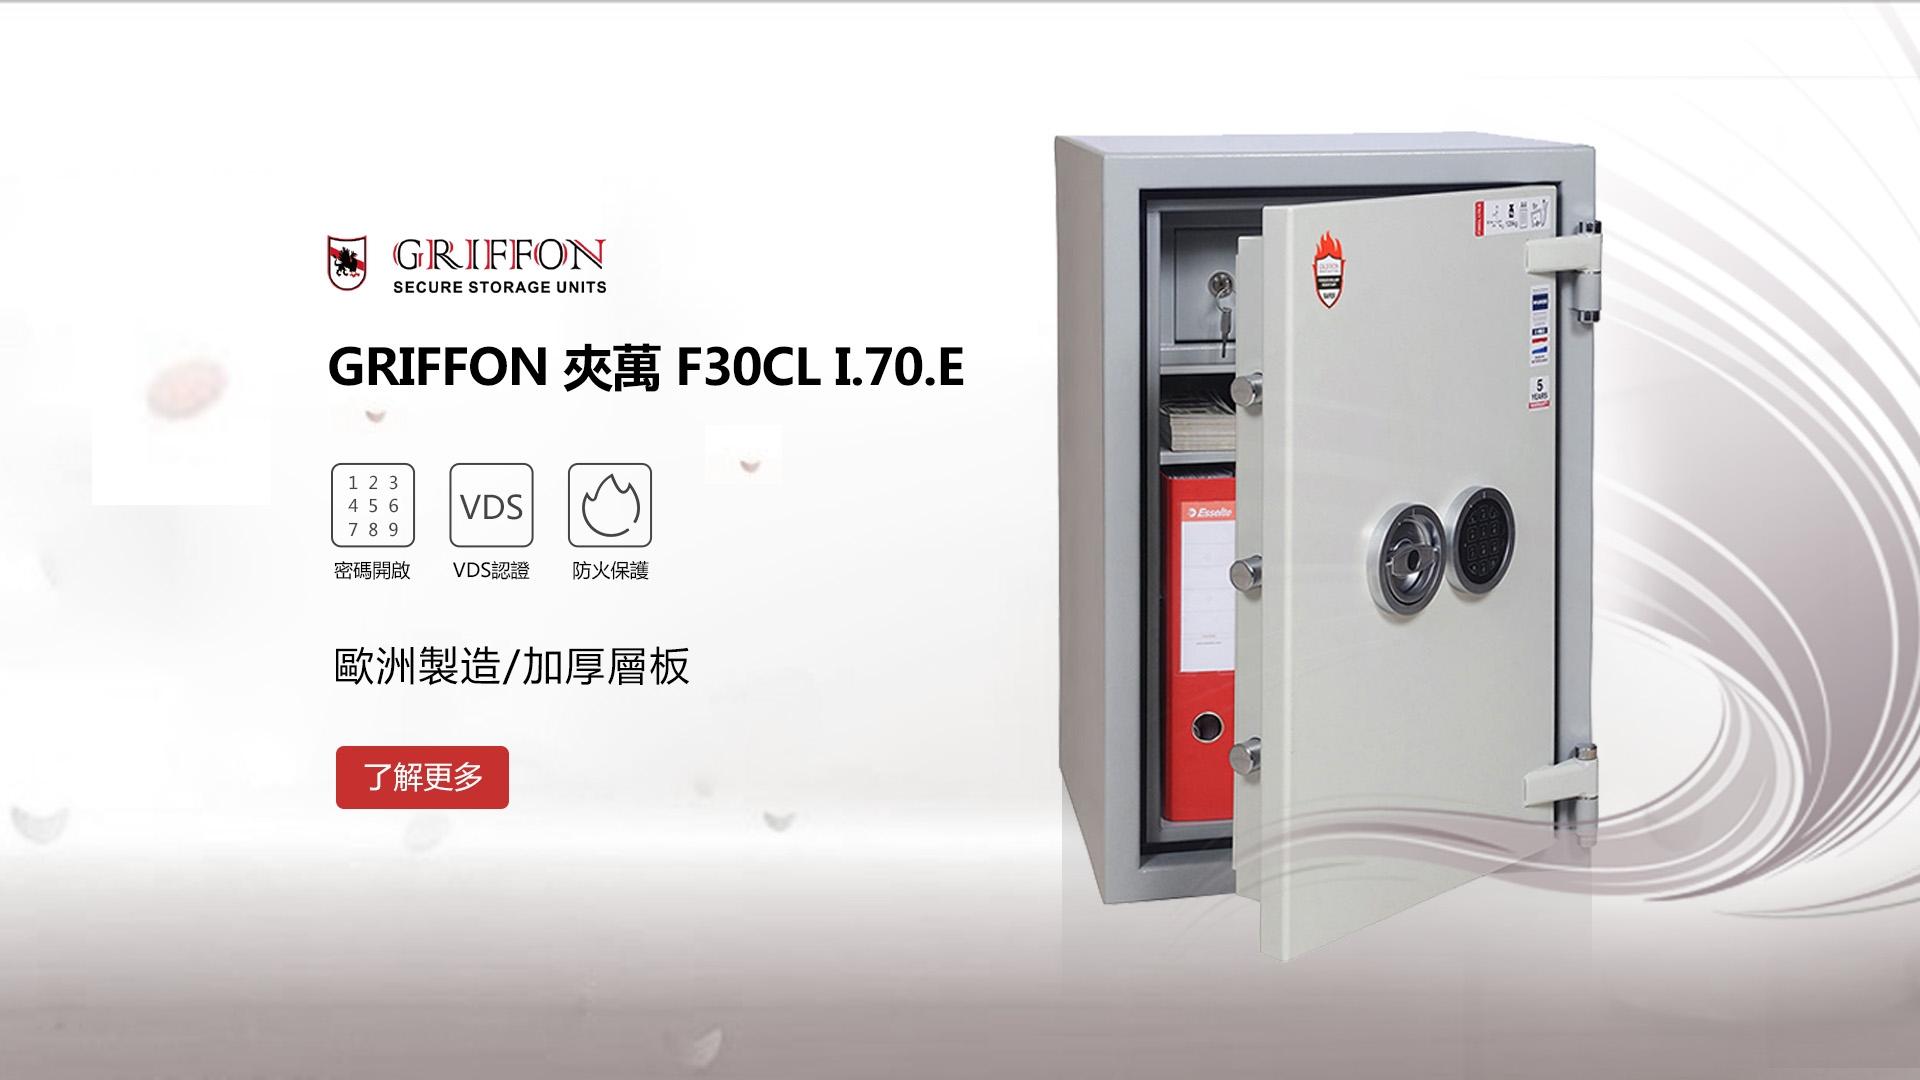 GRIFFON 夾萬 F30CL I.70.E